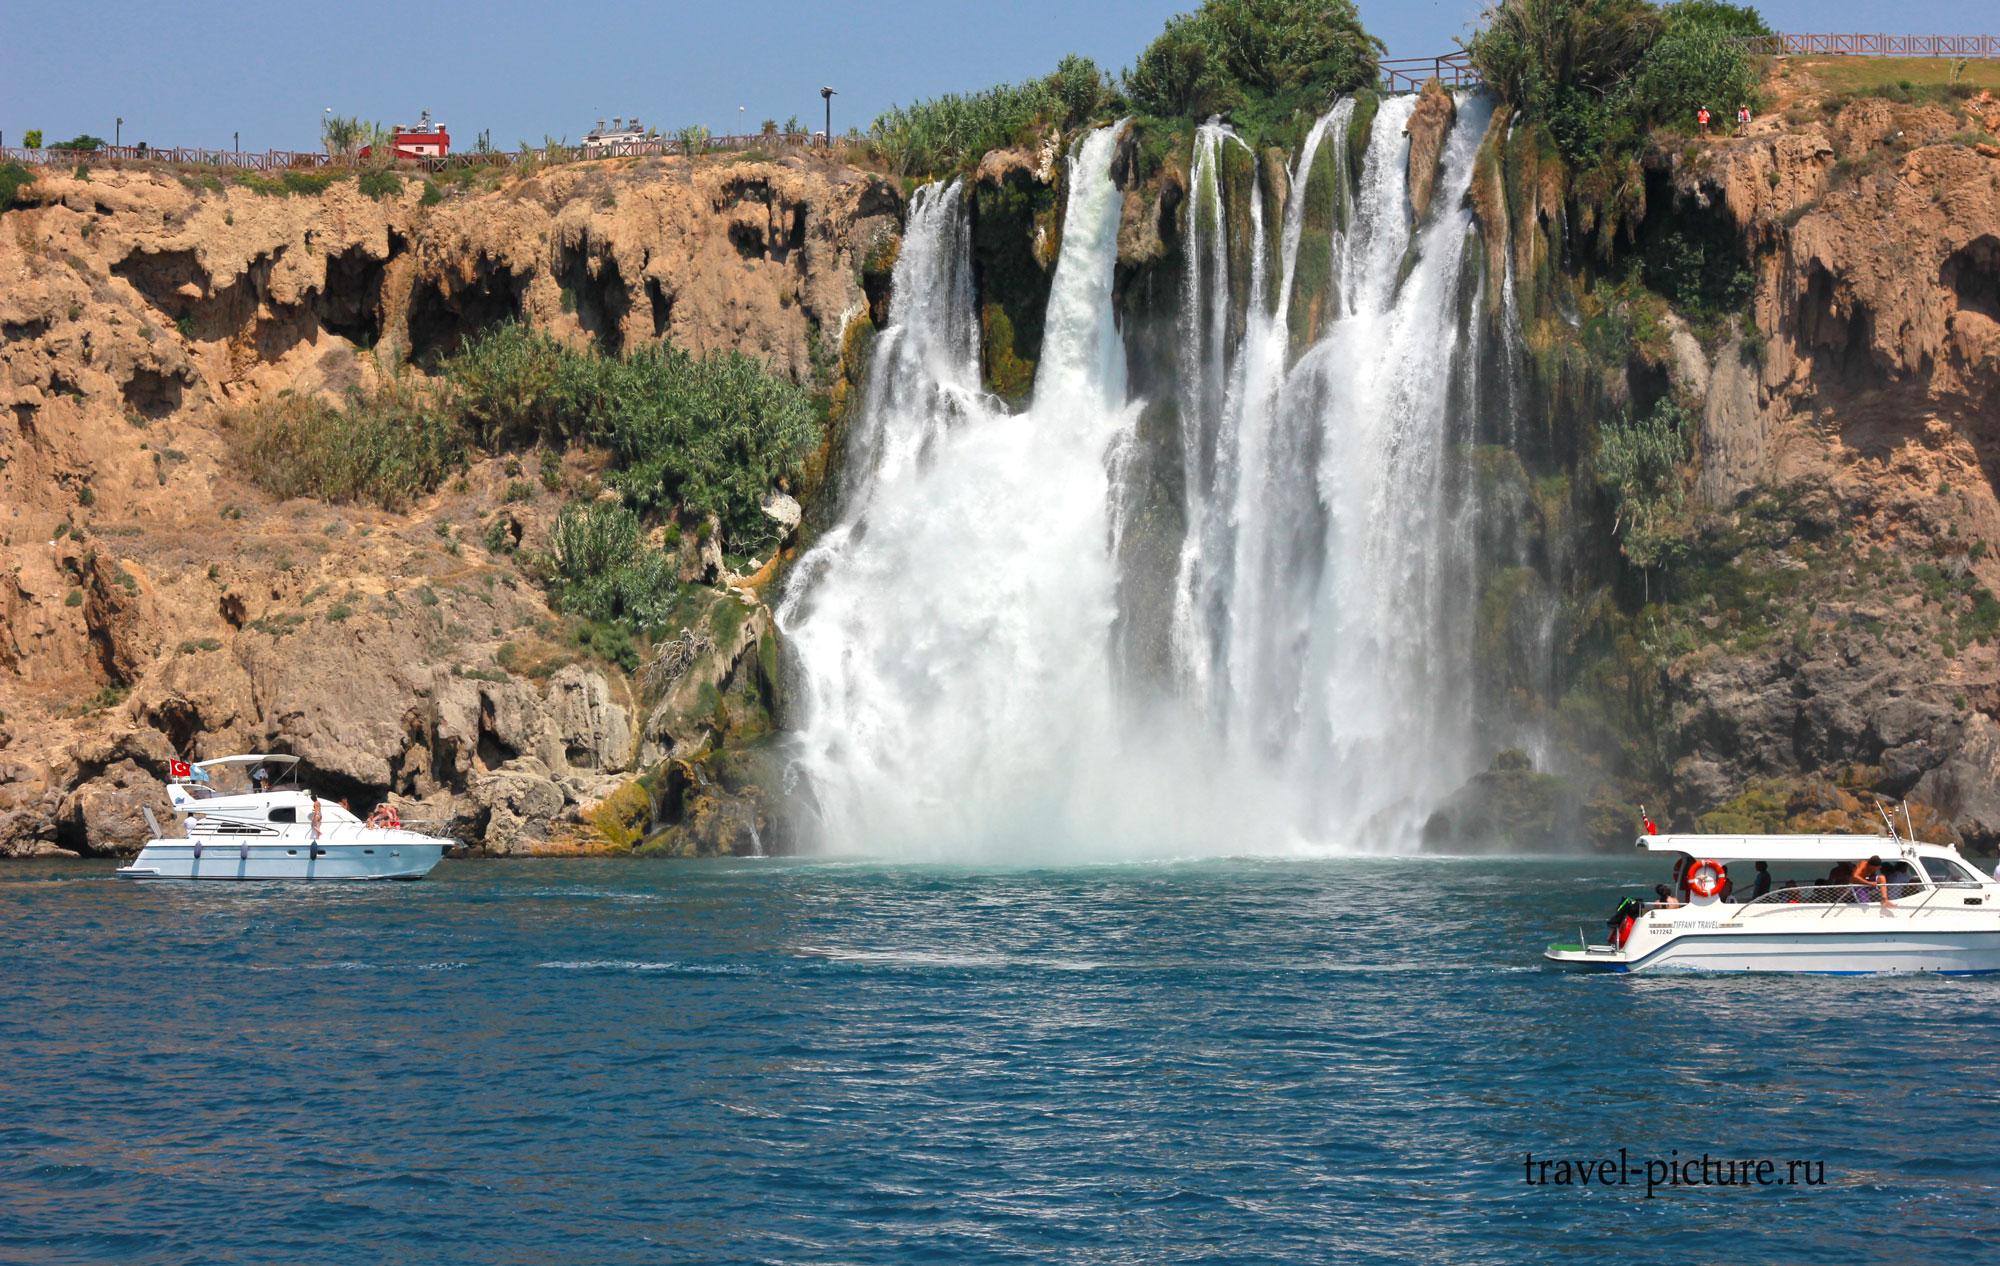 Что посмотреть в Турции из водопадов